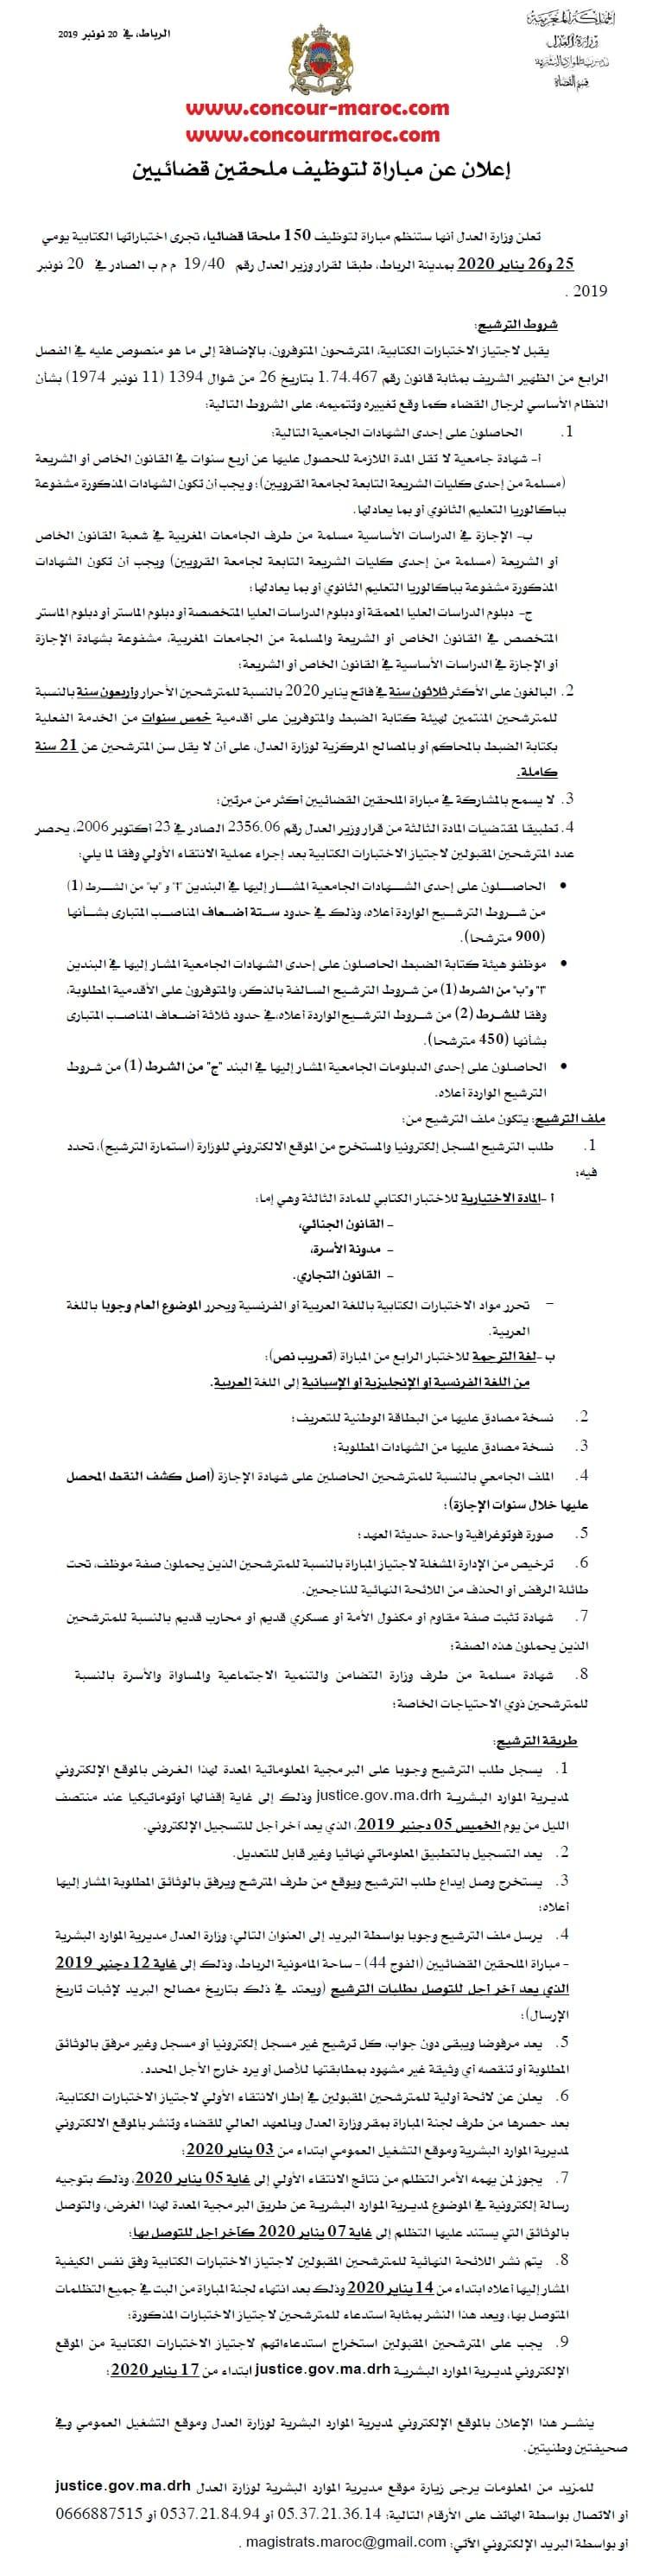 وزارة العدل : مباراة توظيف 150 ملحقا قضائيا للحاصلين على الاجازة و الماستر اخر اجل 05 دجنبر 2019  Iaa_a_12